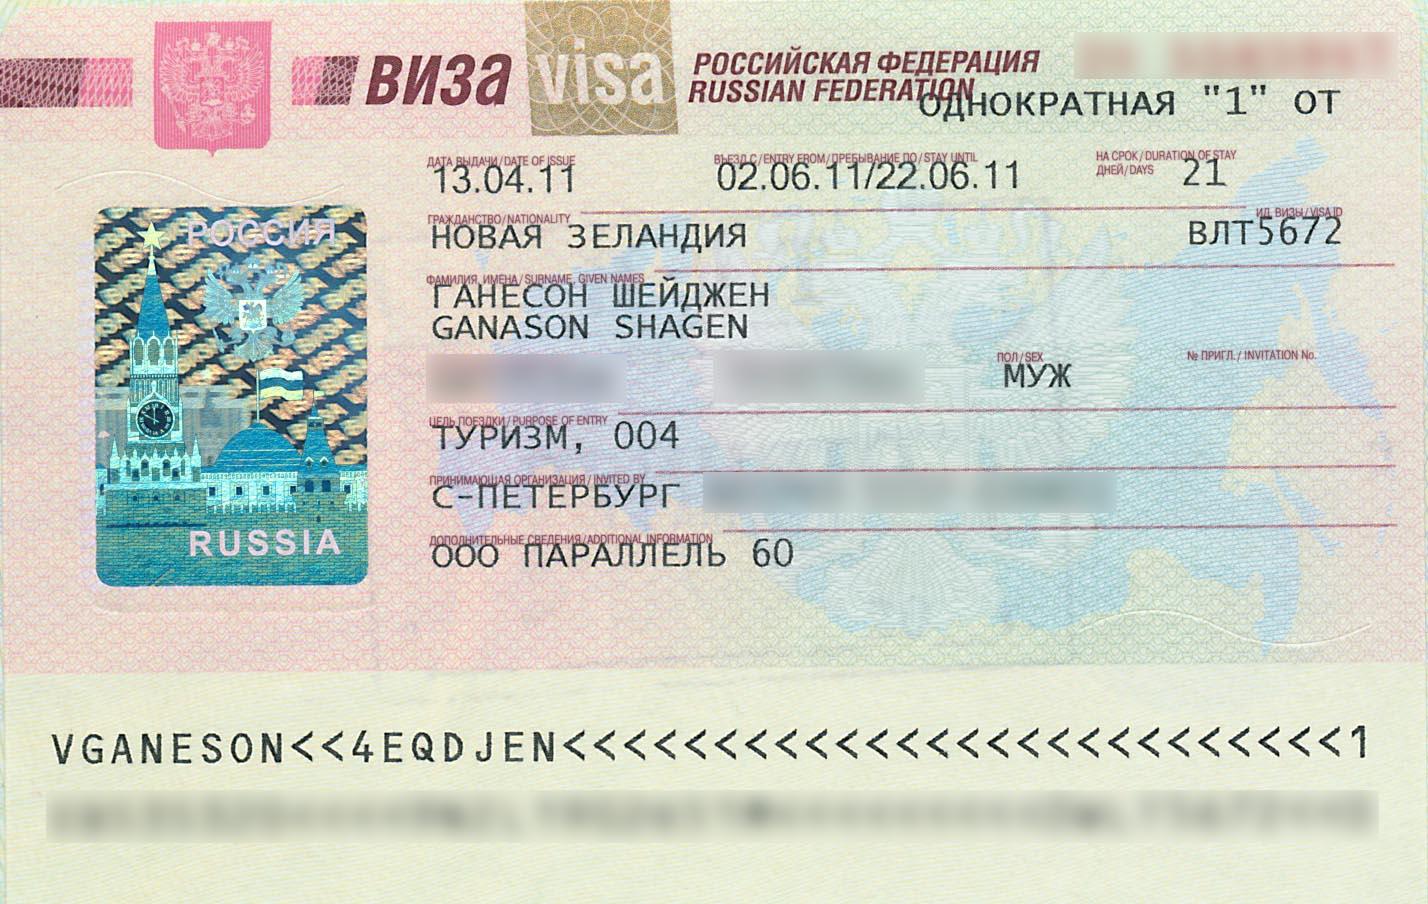 винкс как выглядит визы россии фото чеченского города